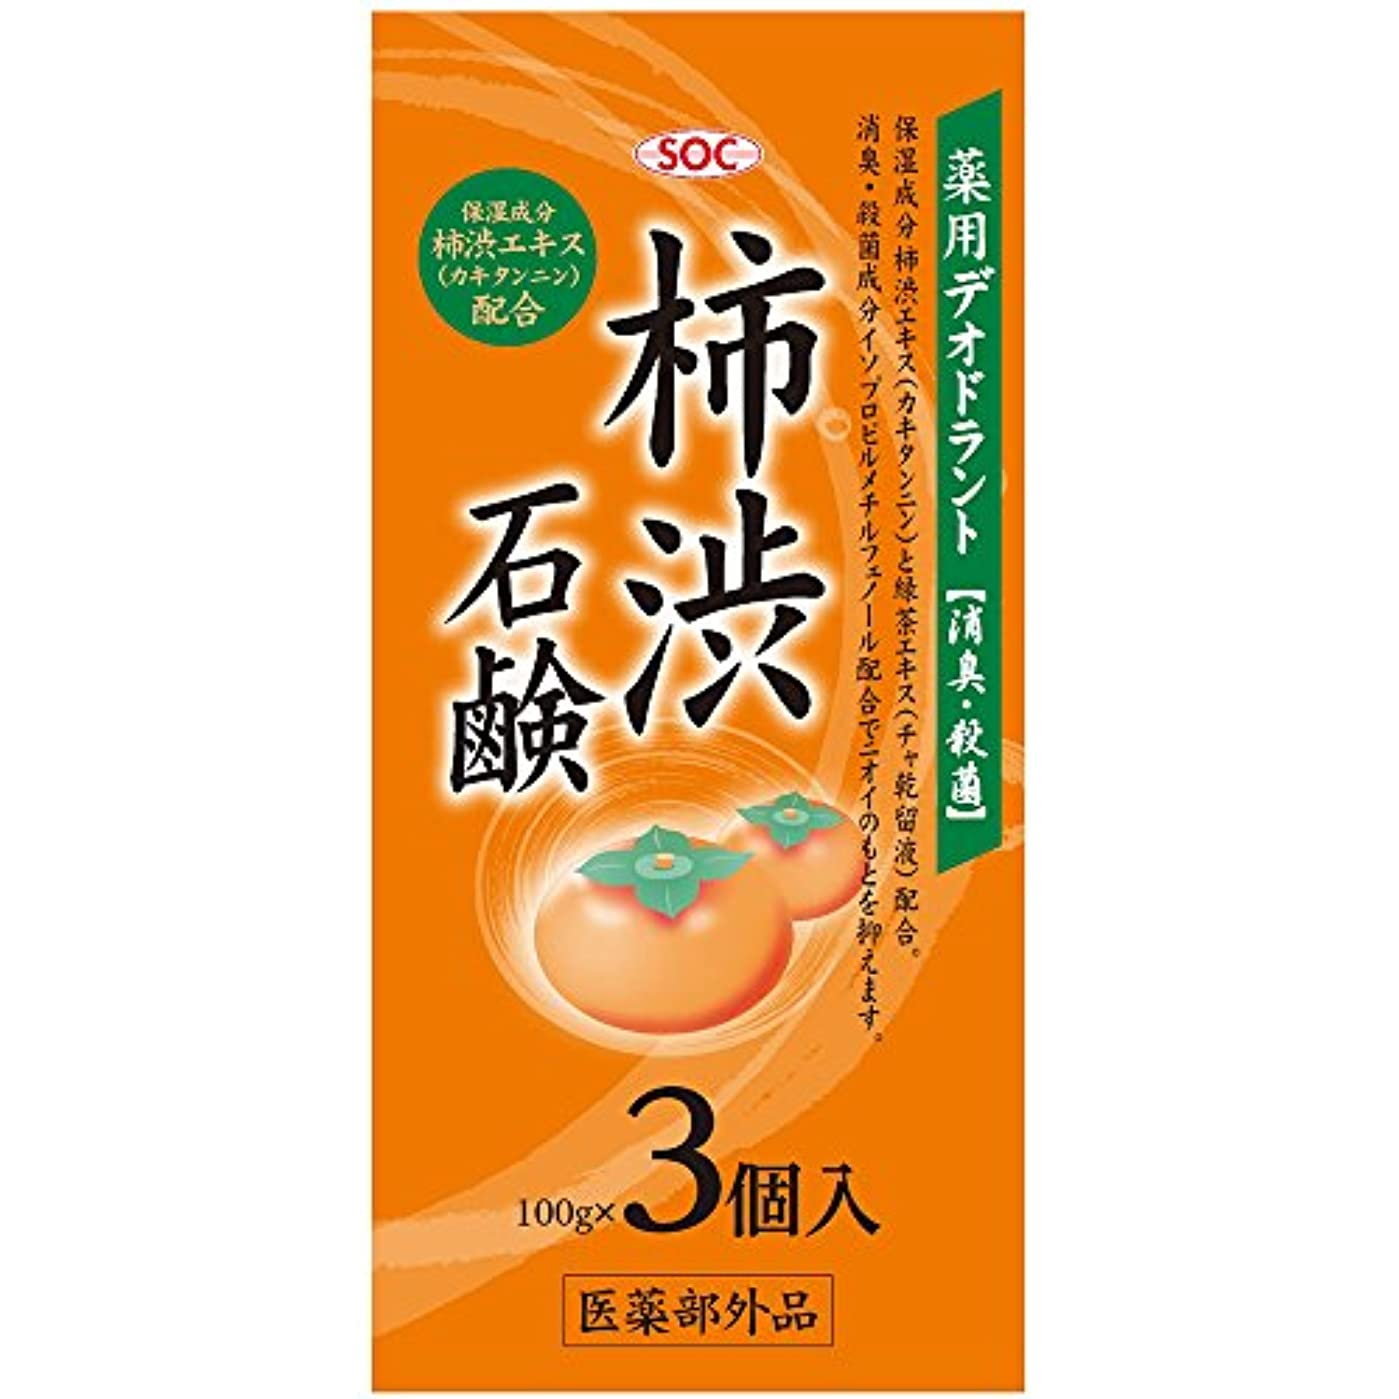 ご意見夜の動物園頬SOC 薬用柿渋石鹸 3P (100g×3)